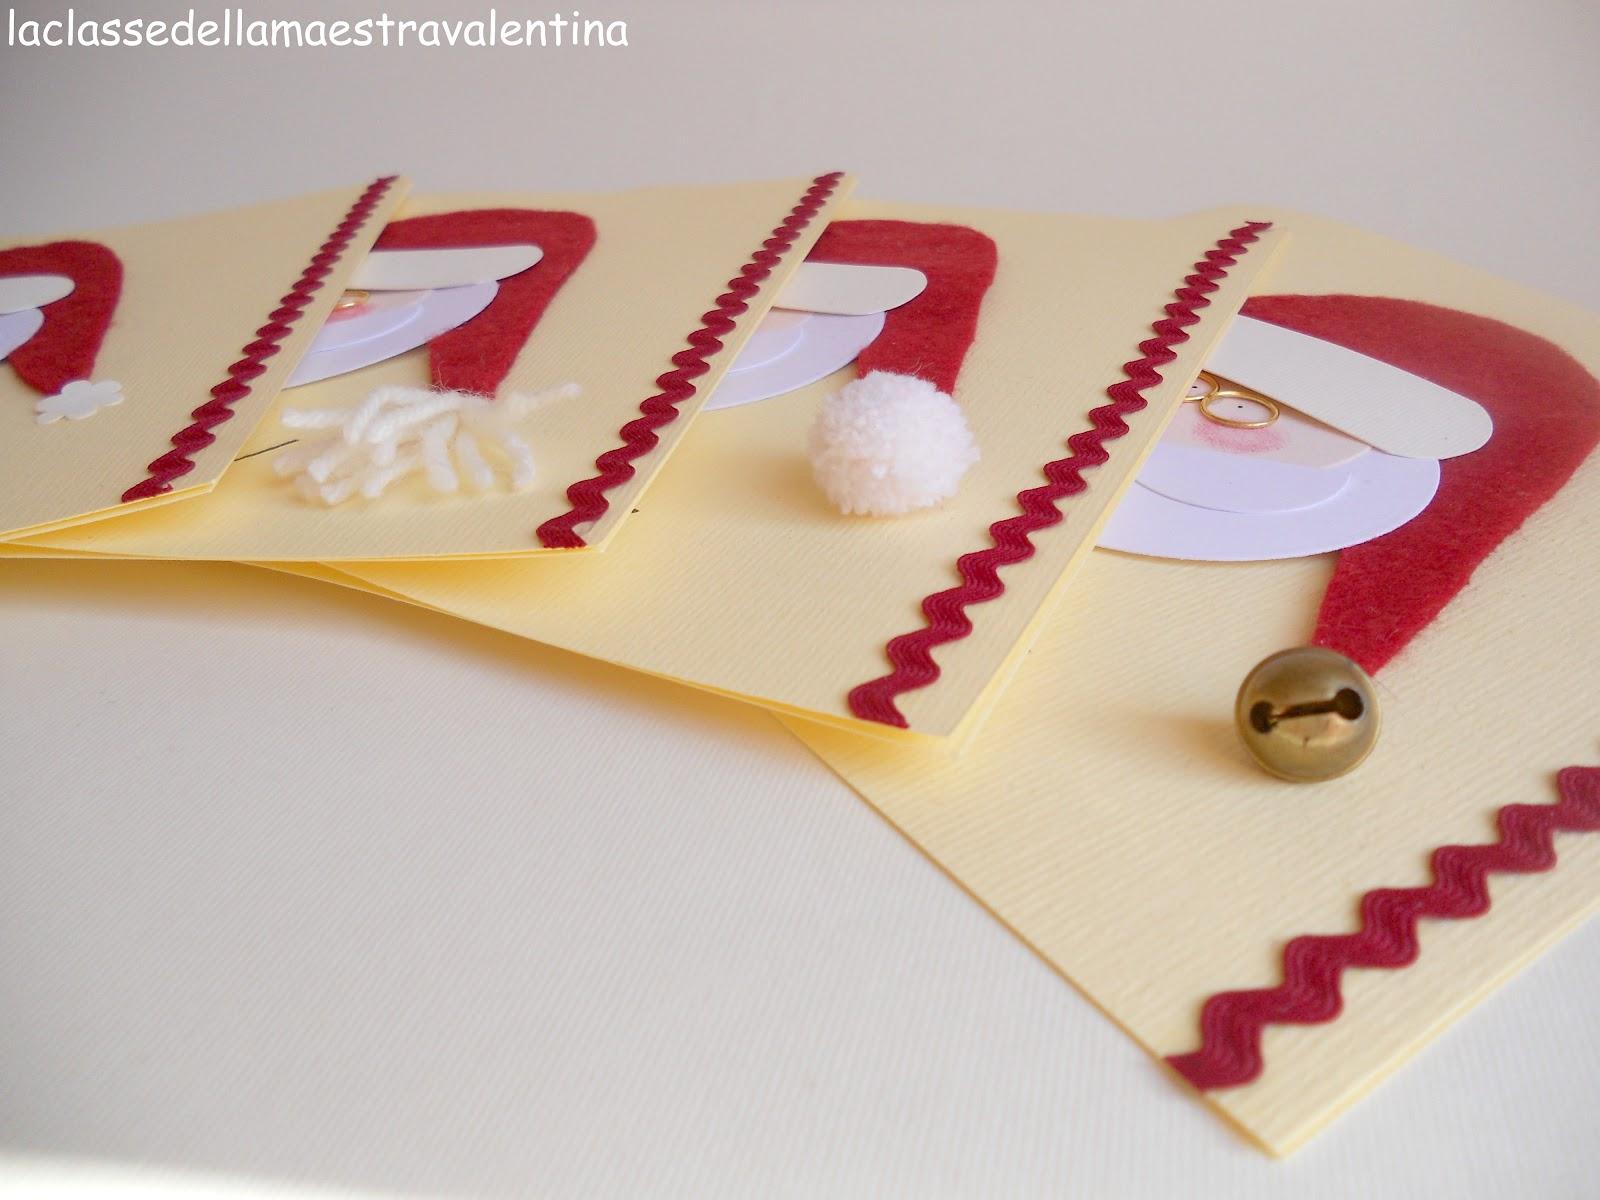 La classe della maestra valentina biglietti babbo natale for Maestra gemma recite di natale